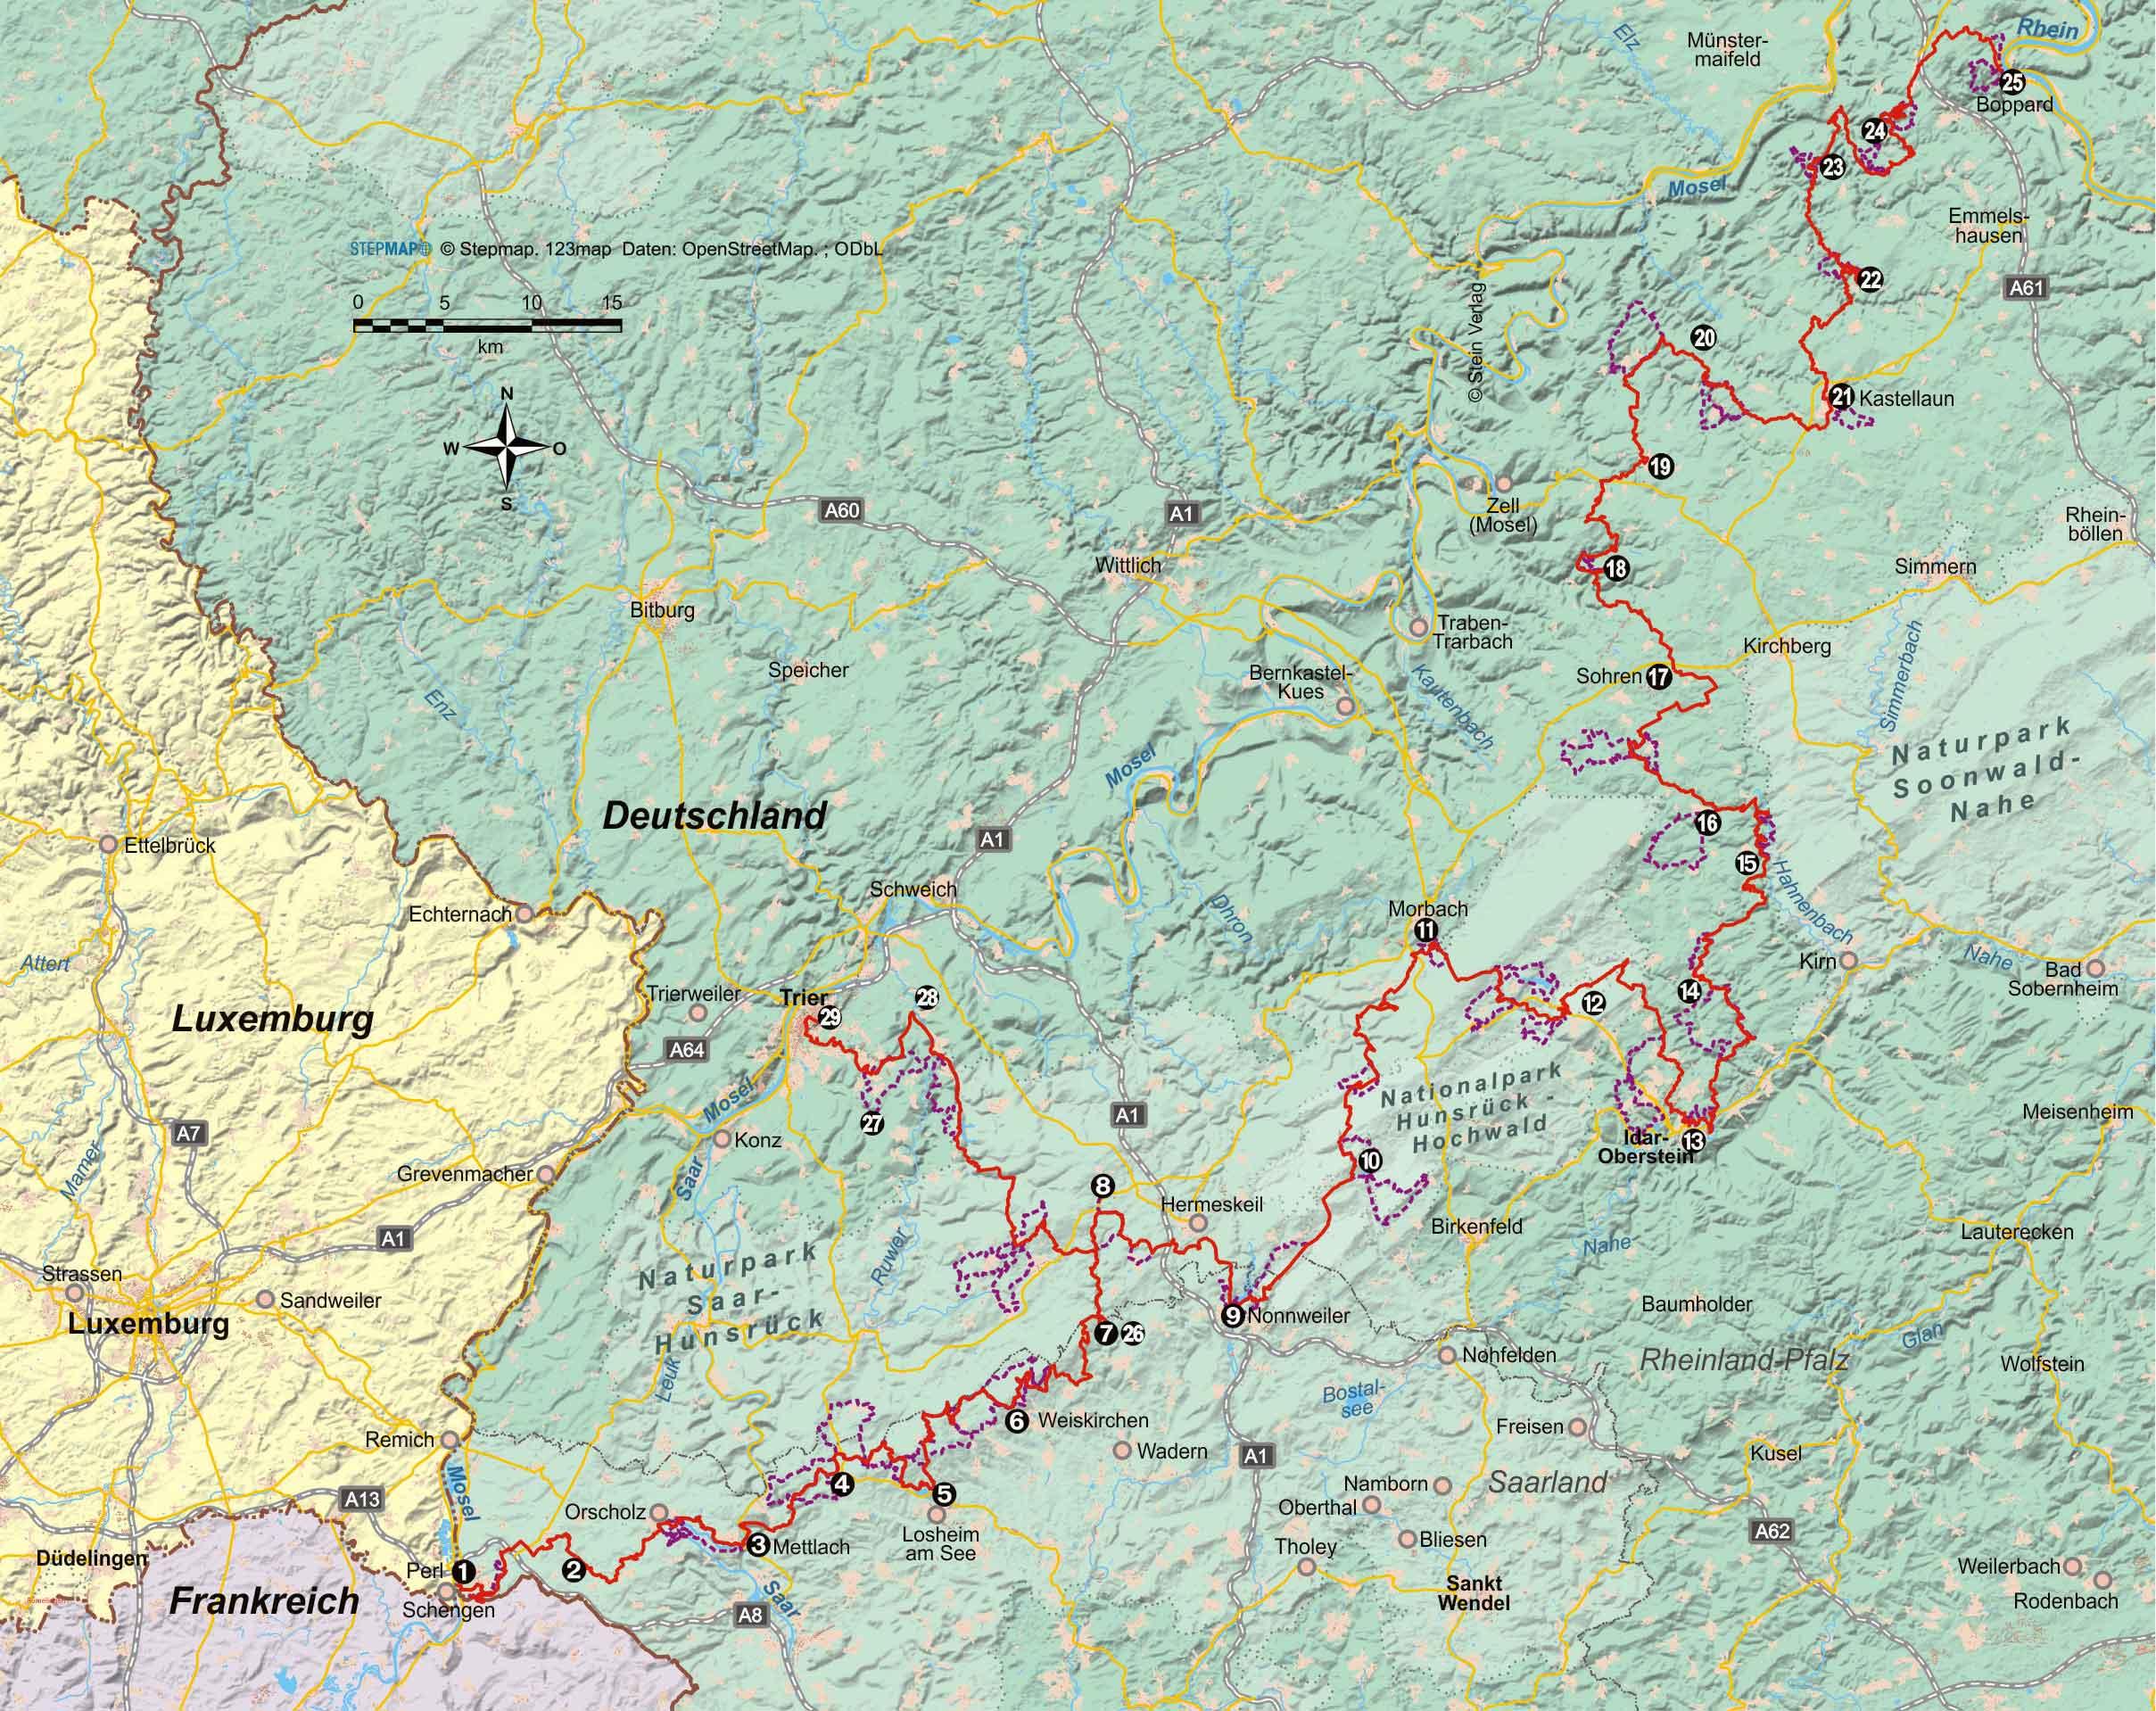 Saar-Hunsrück-Steig von Perl (über Idar-Oberstein) nach Boppard